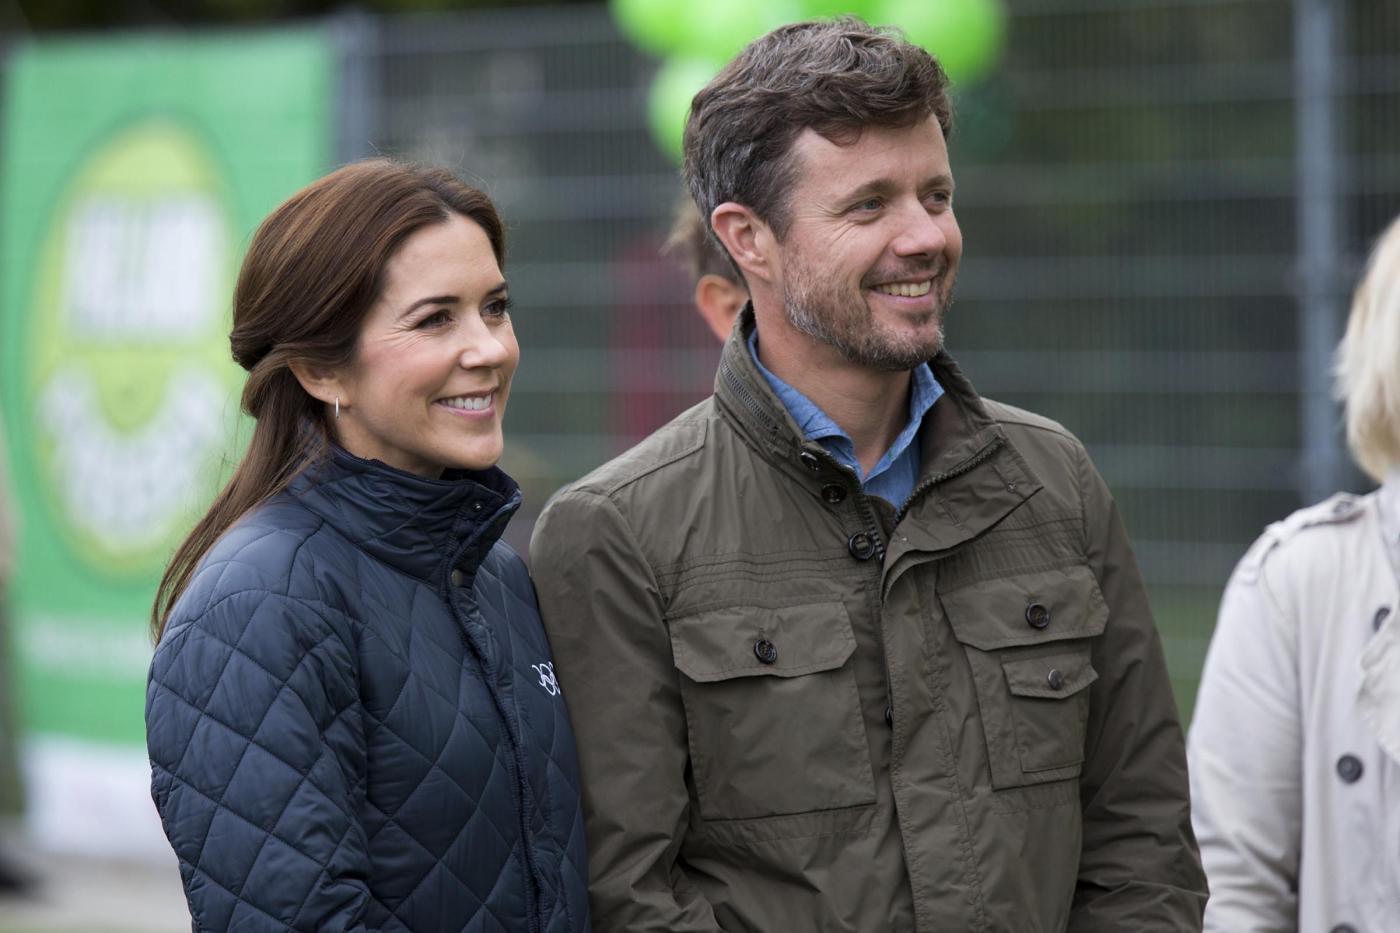 Kate Middleton-Mary di Danimarca: uguali in abito blu FOTO